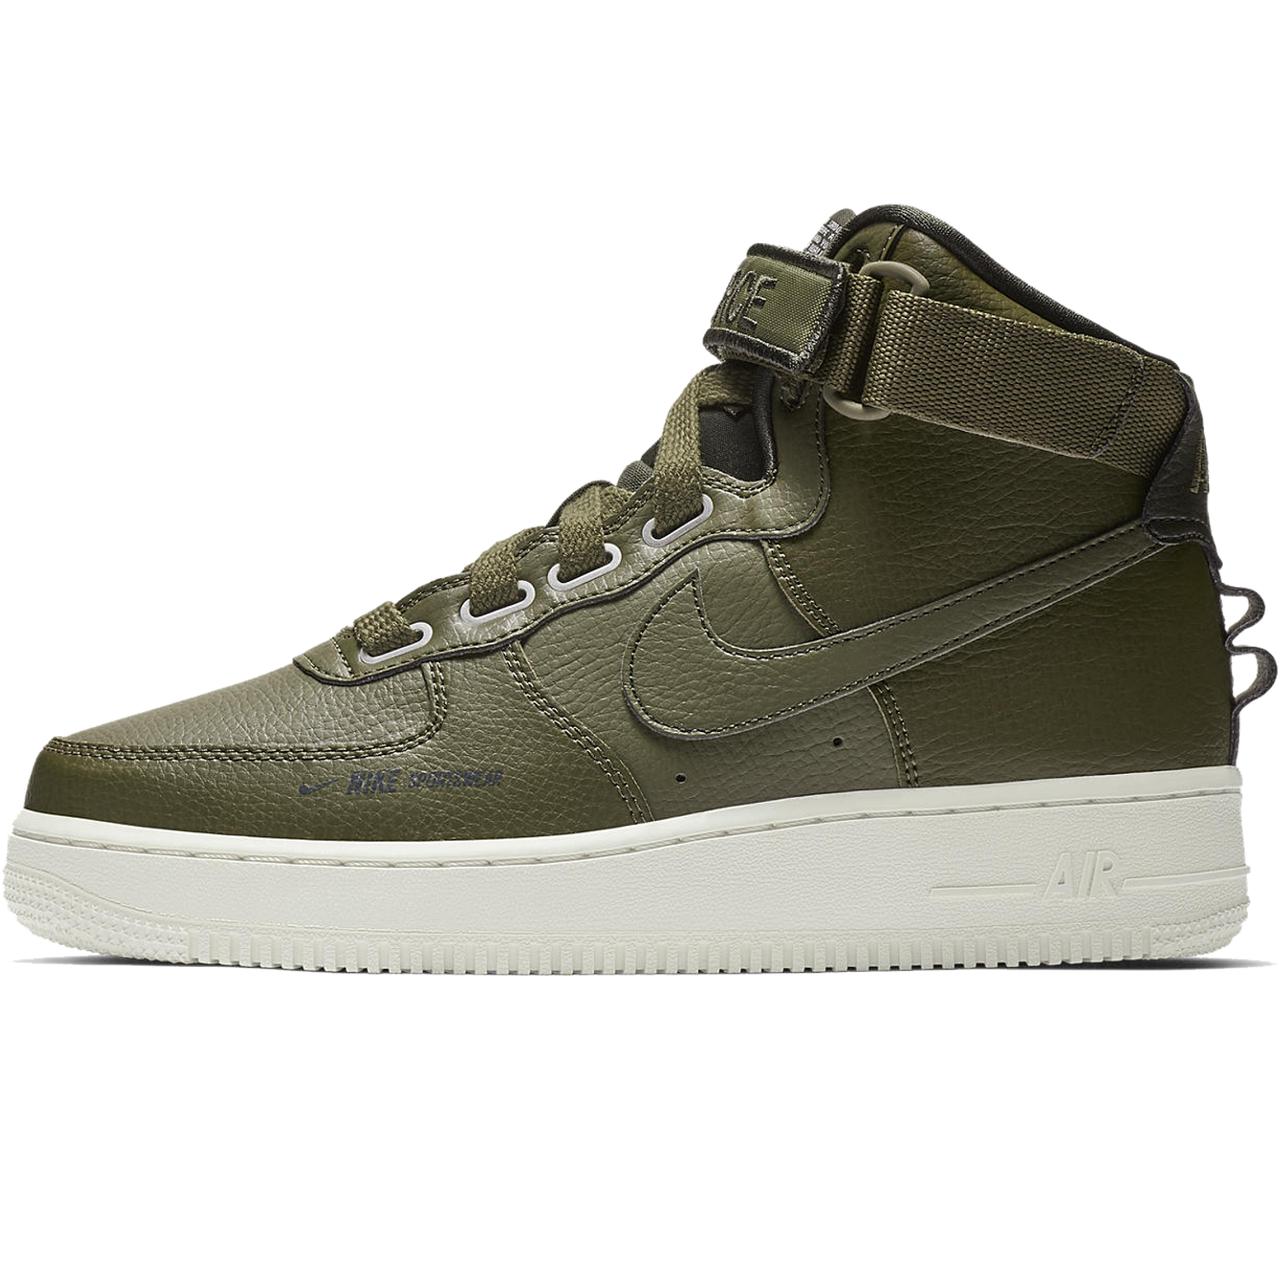 Оригинальные Женские Кроссовки Nike Air Force 1 Mid 07  — в ... eb684aeafb1